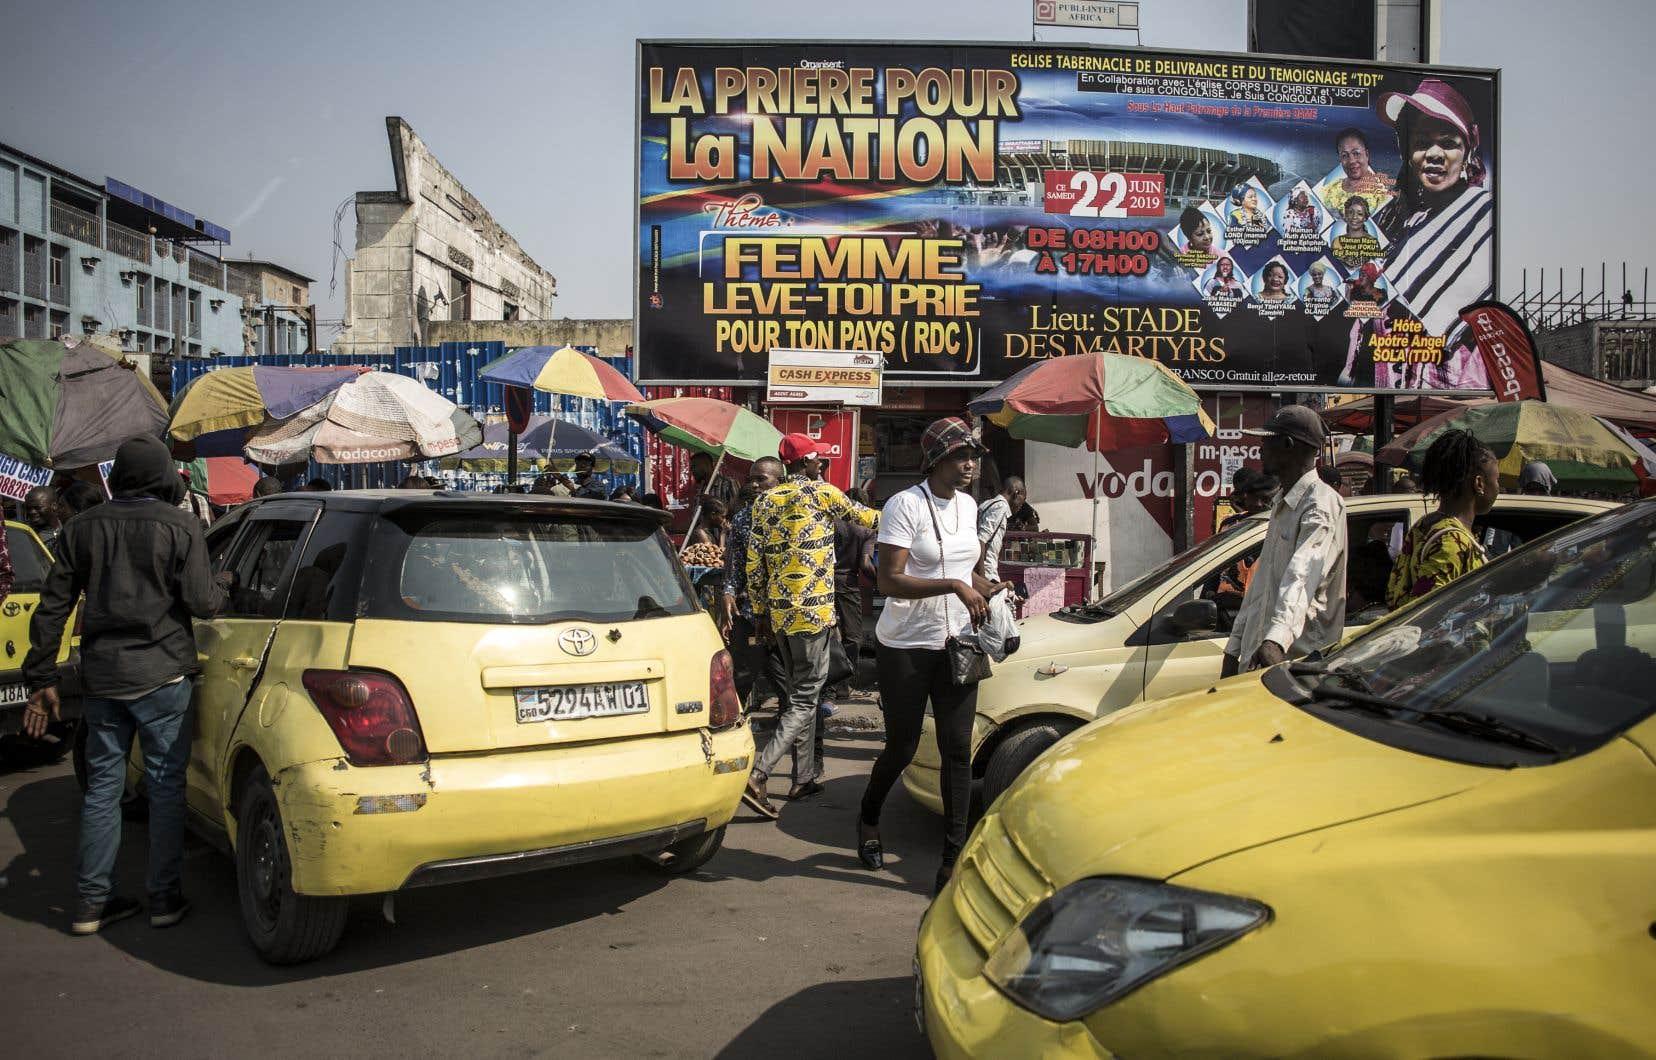 En 2020, la République démocratique du Congo était classée 168e sur 180 dans l'indice de perception de la corruption établi par l'ONG Transparency International.